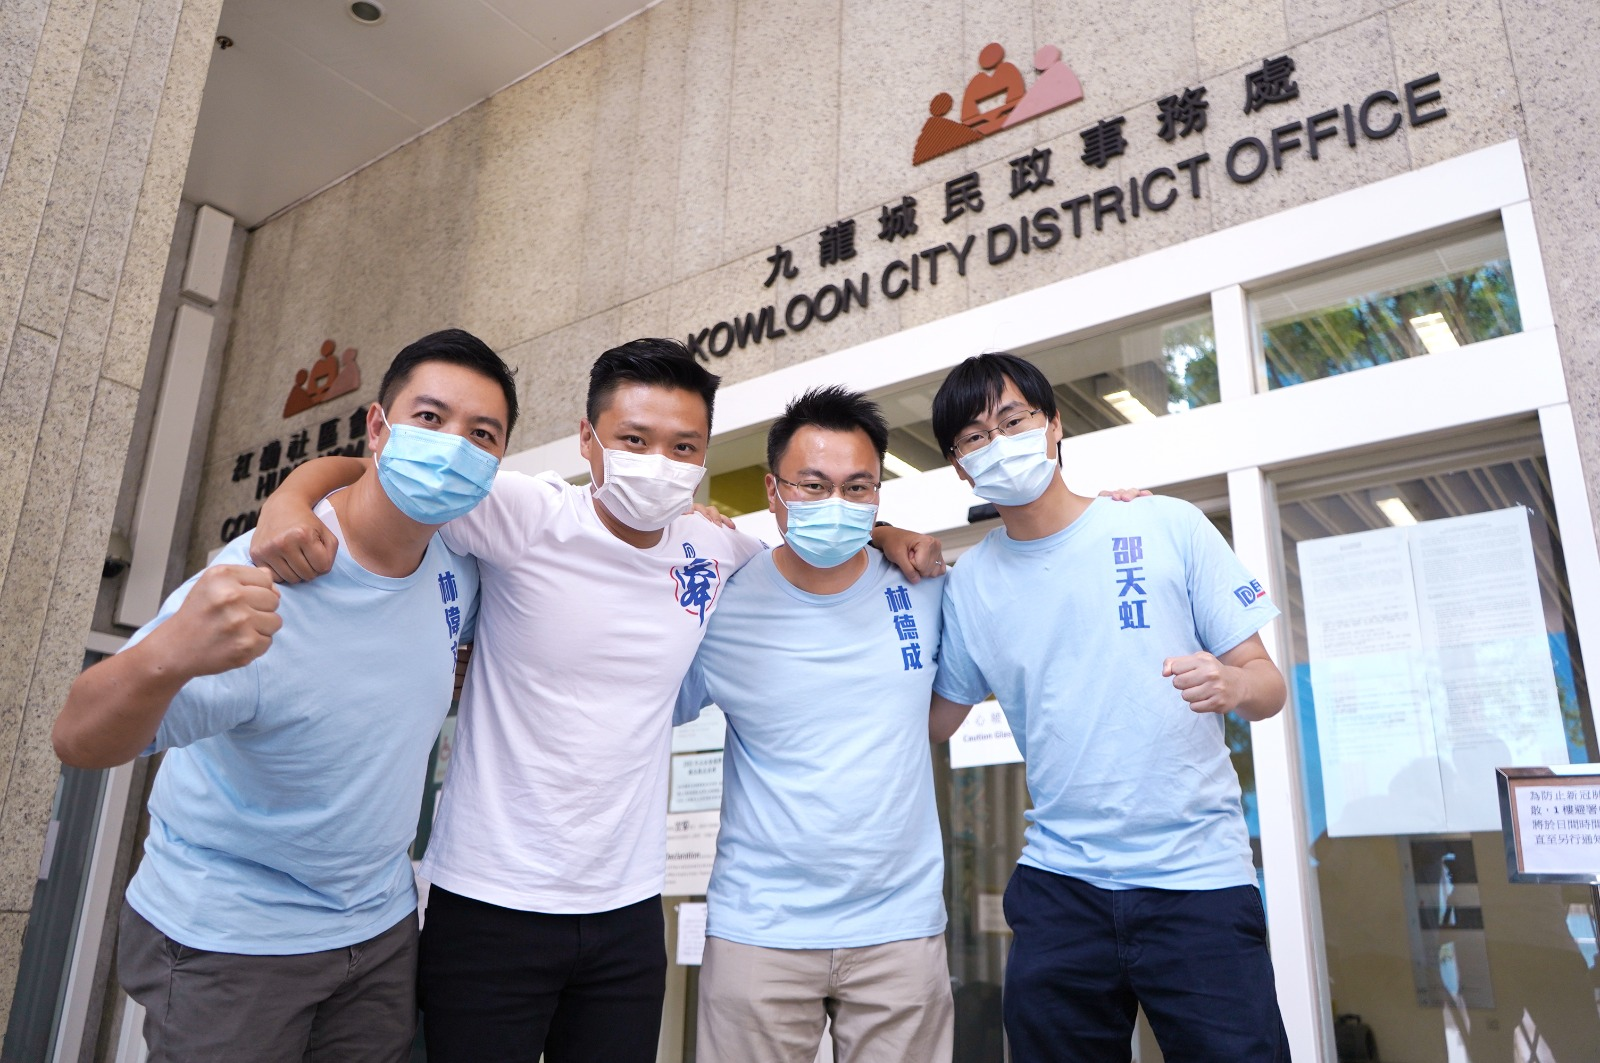 鄭泳舜團隊於7月22日報名參選九龍西立法會選舉